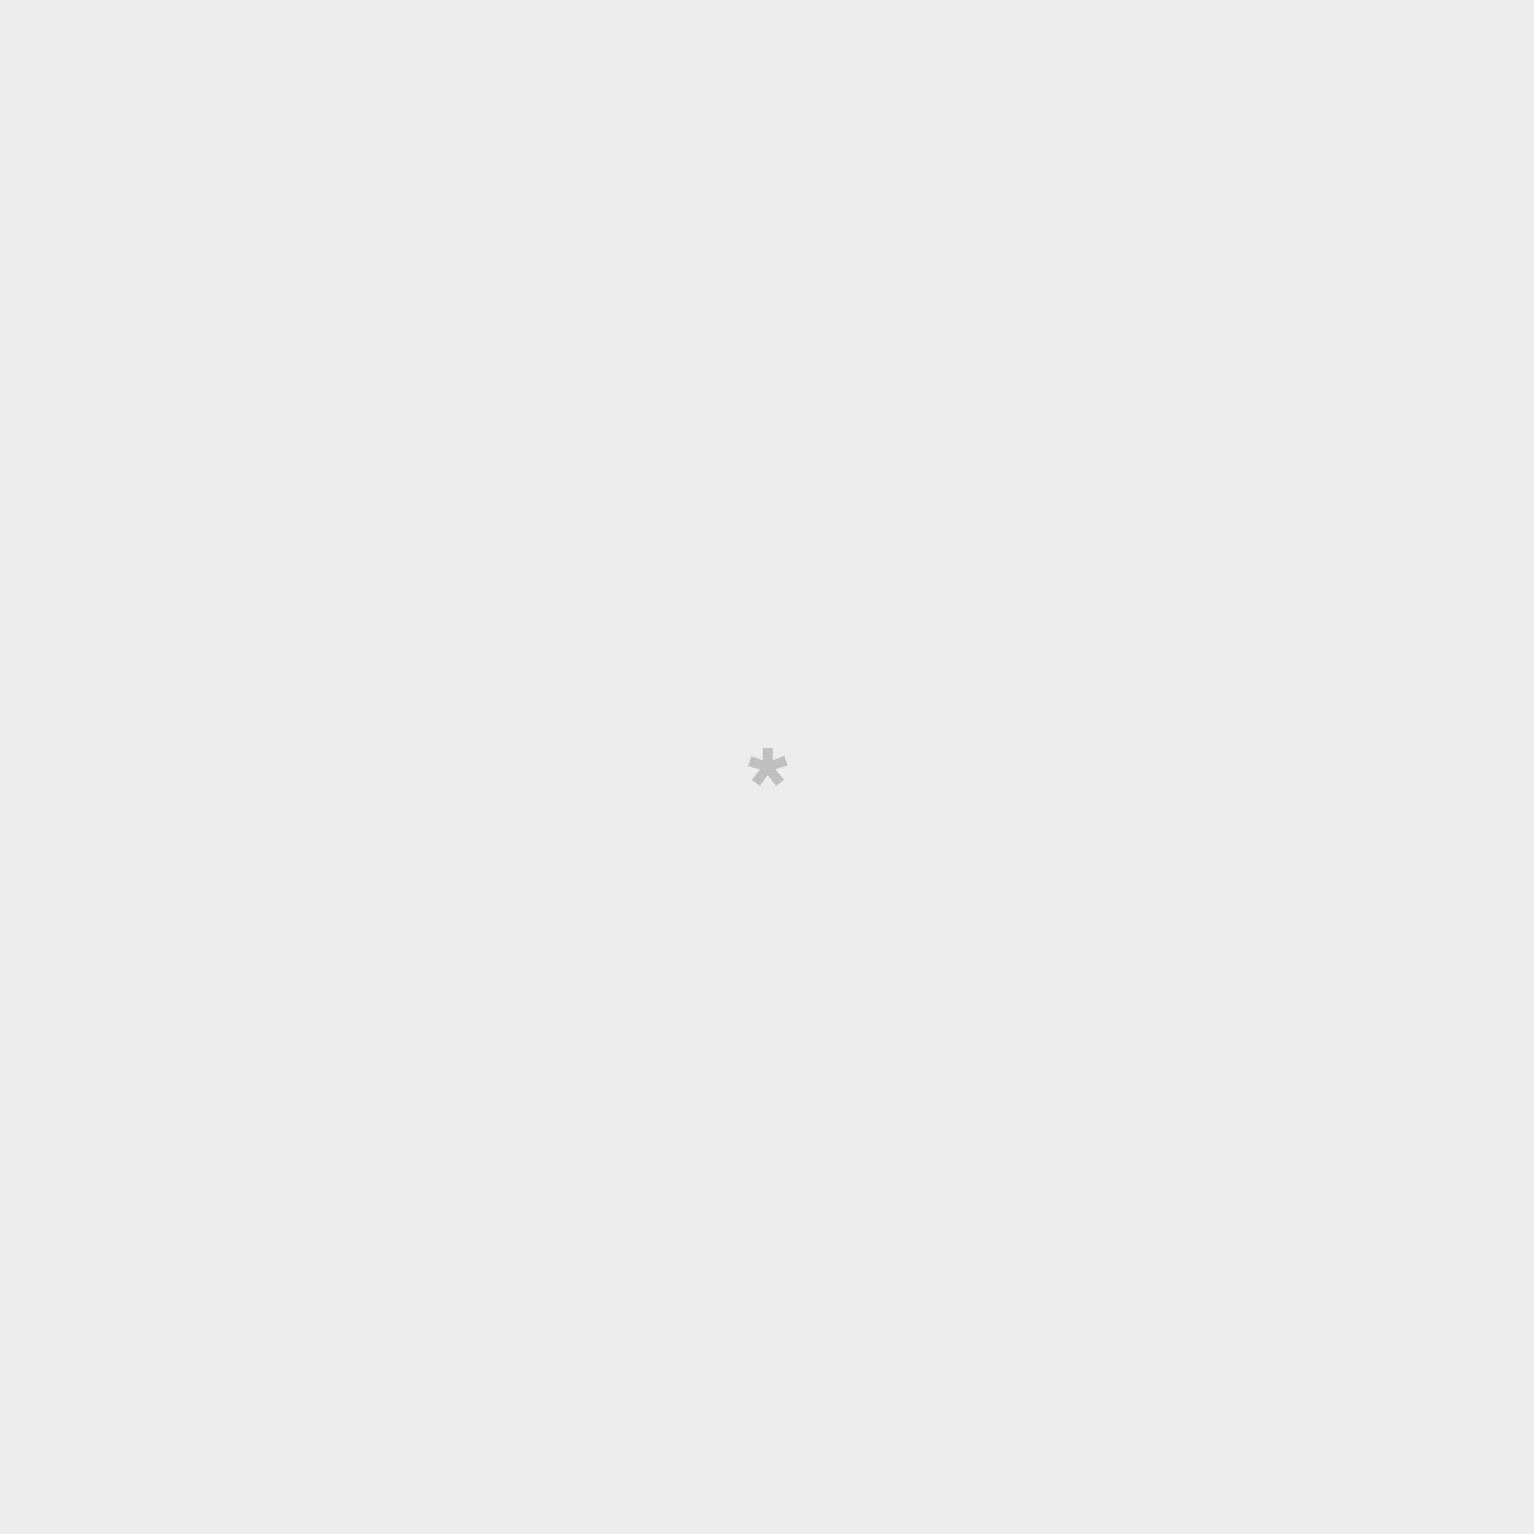 Kit para hacer un álbum de fotos de selfies - Tú, yo y...